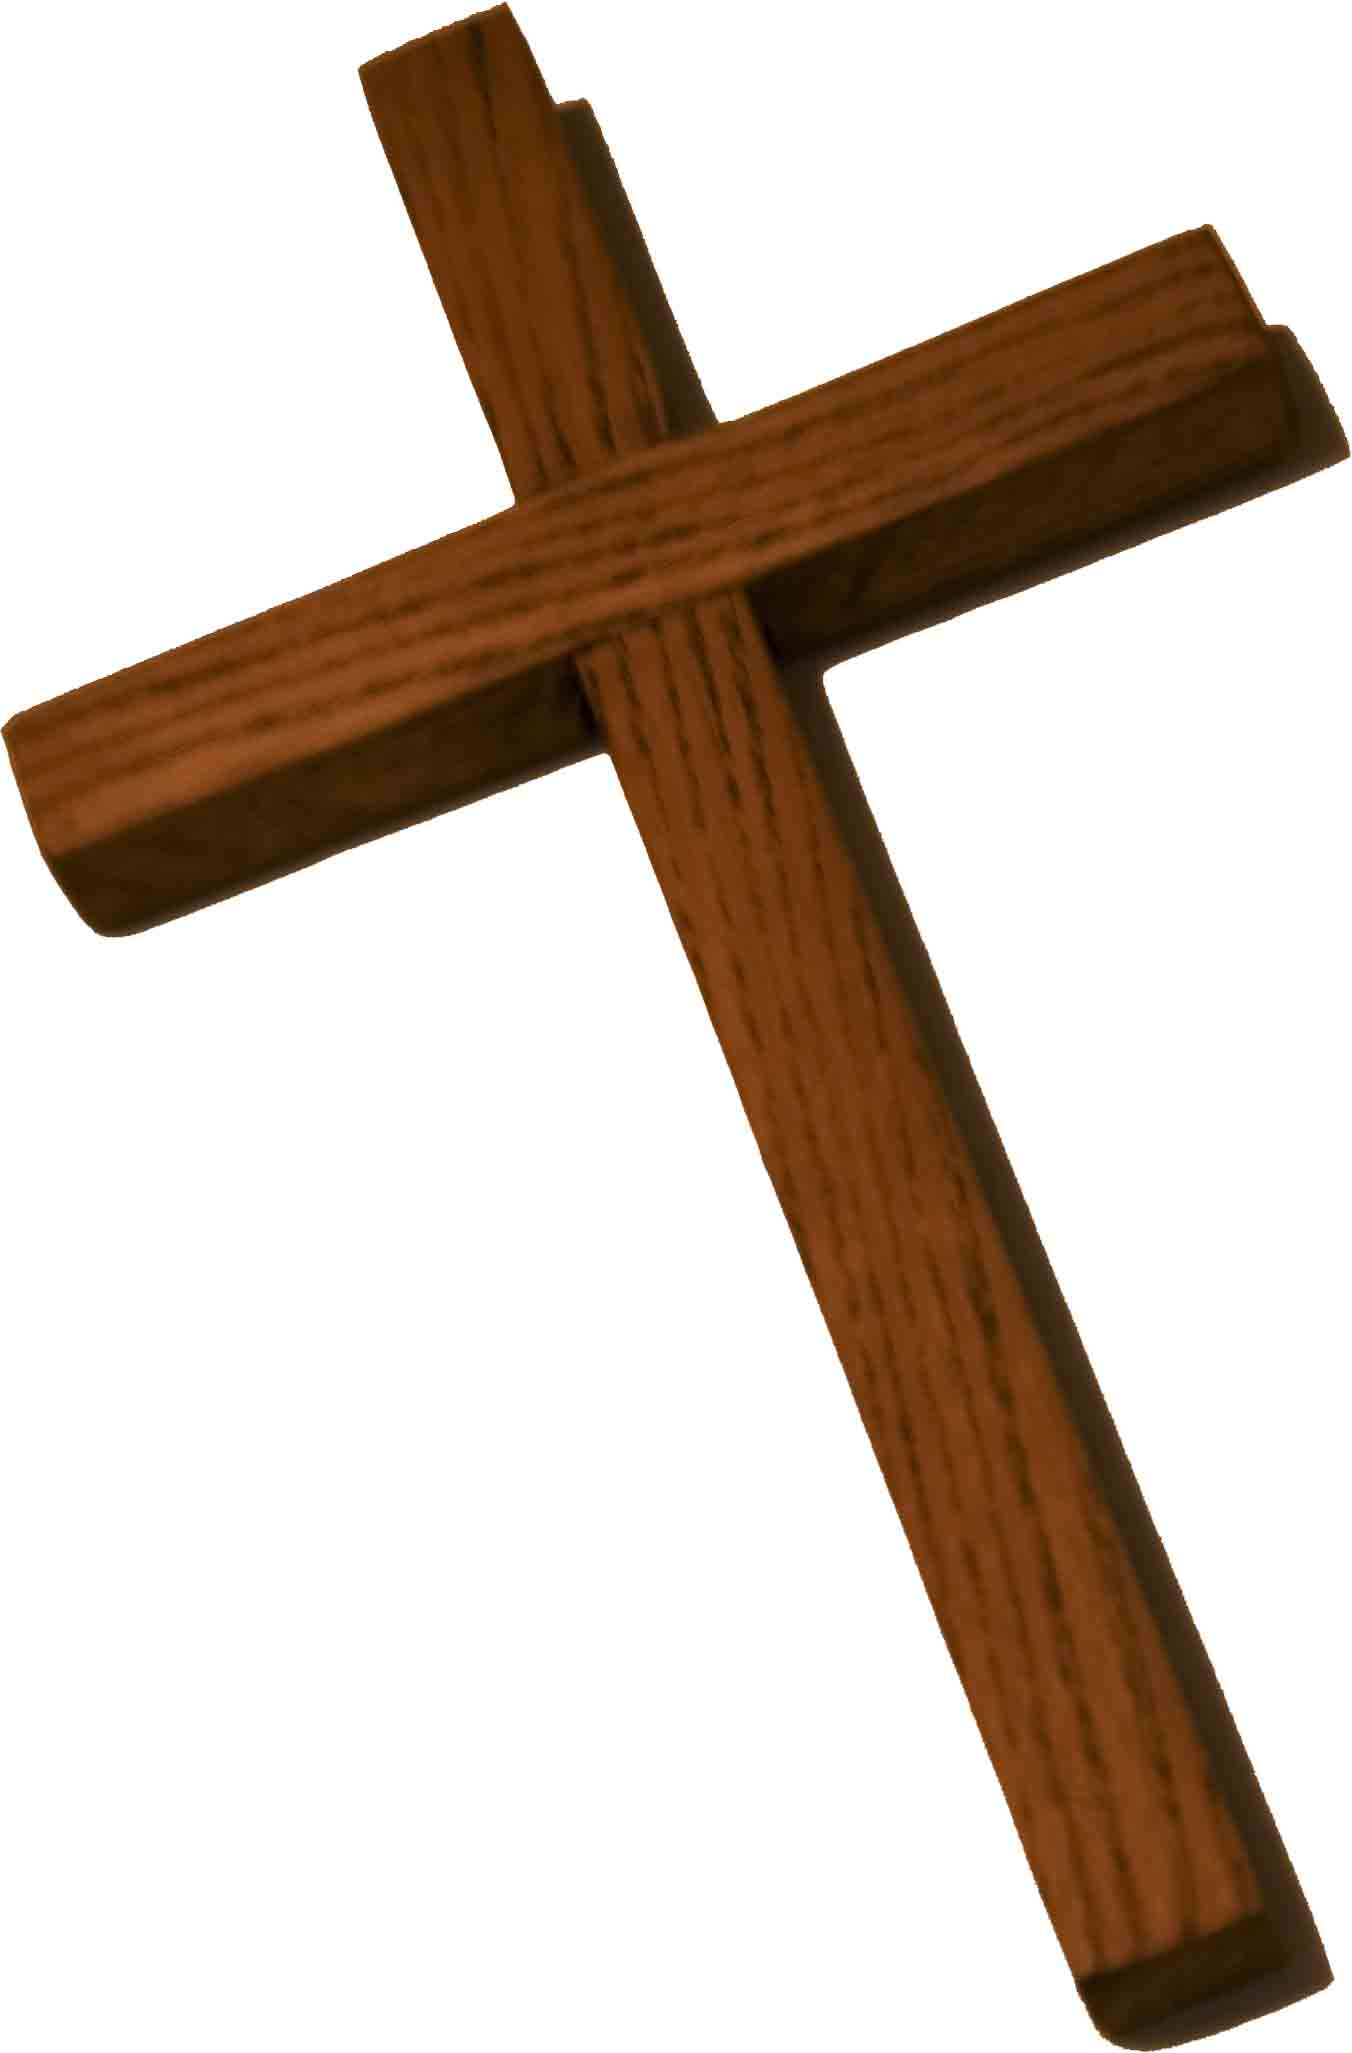 Wood cross clipart transparent clip art black and white Holy Cross Clipart - Wooden Cross Transparent Background ... clip art black and white